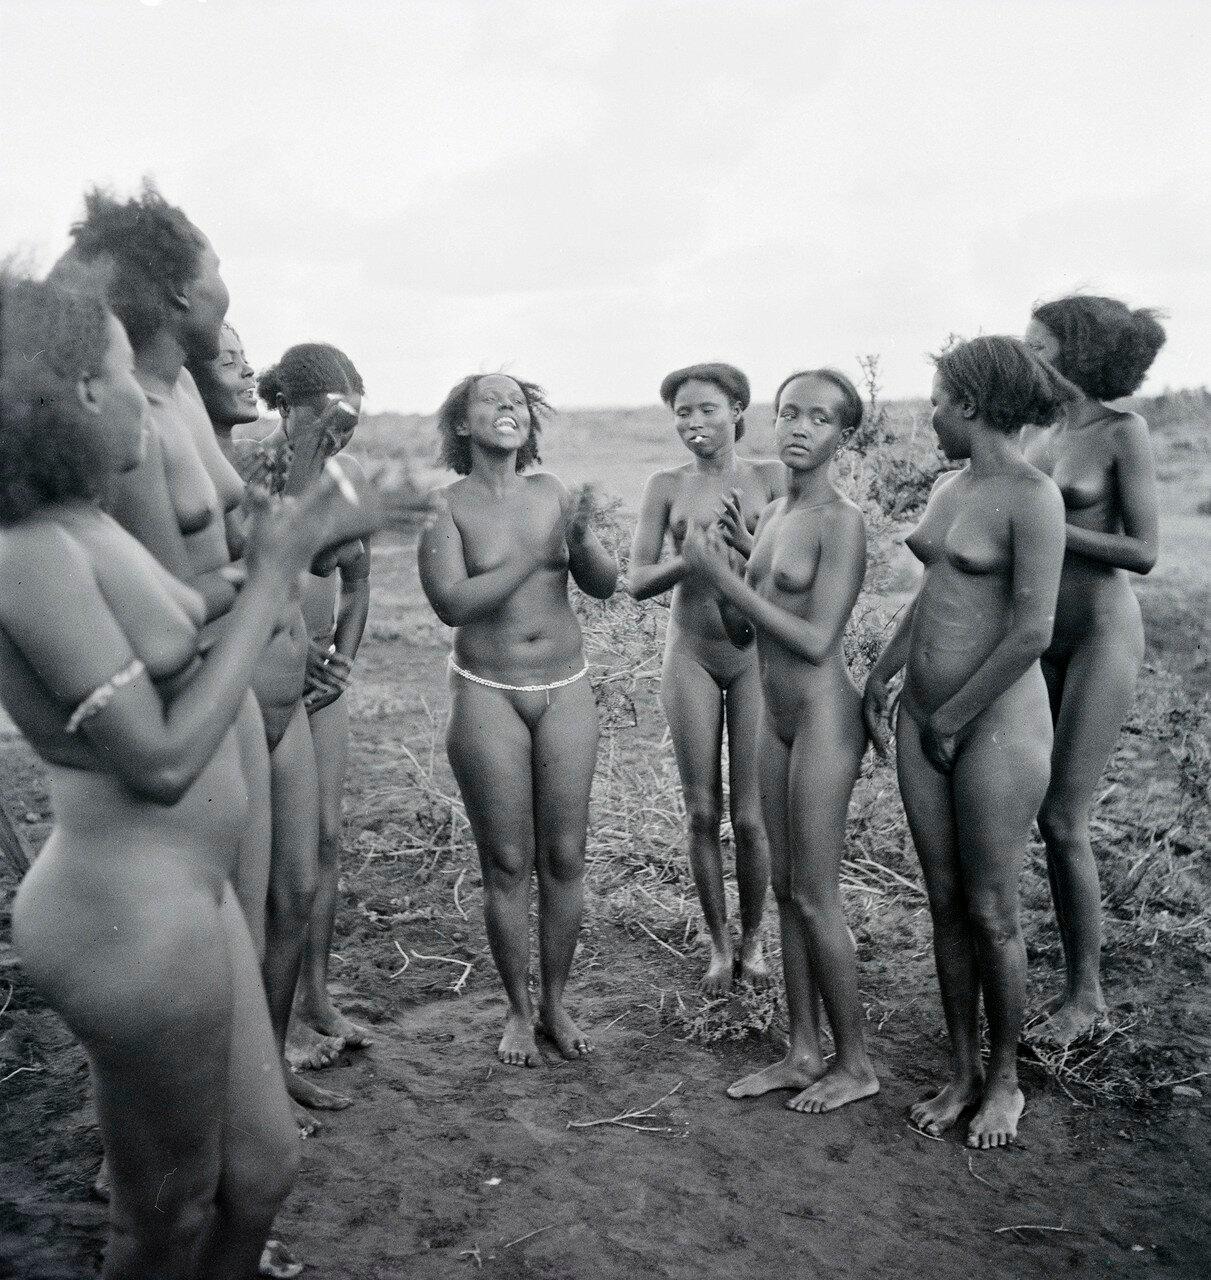 Девушки народности данакиль в перерыве между танцами